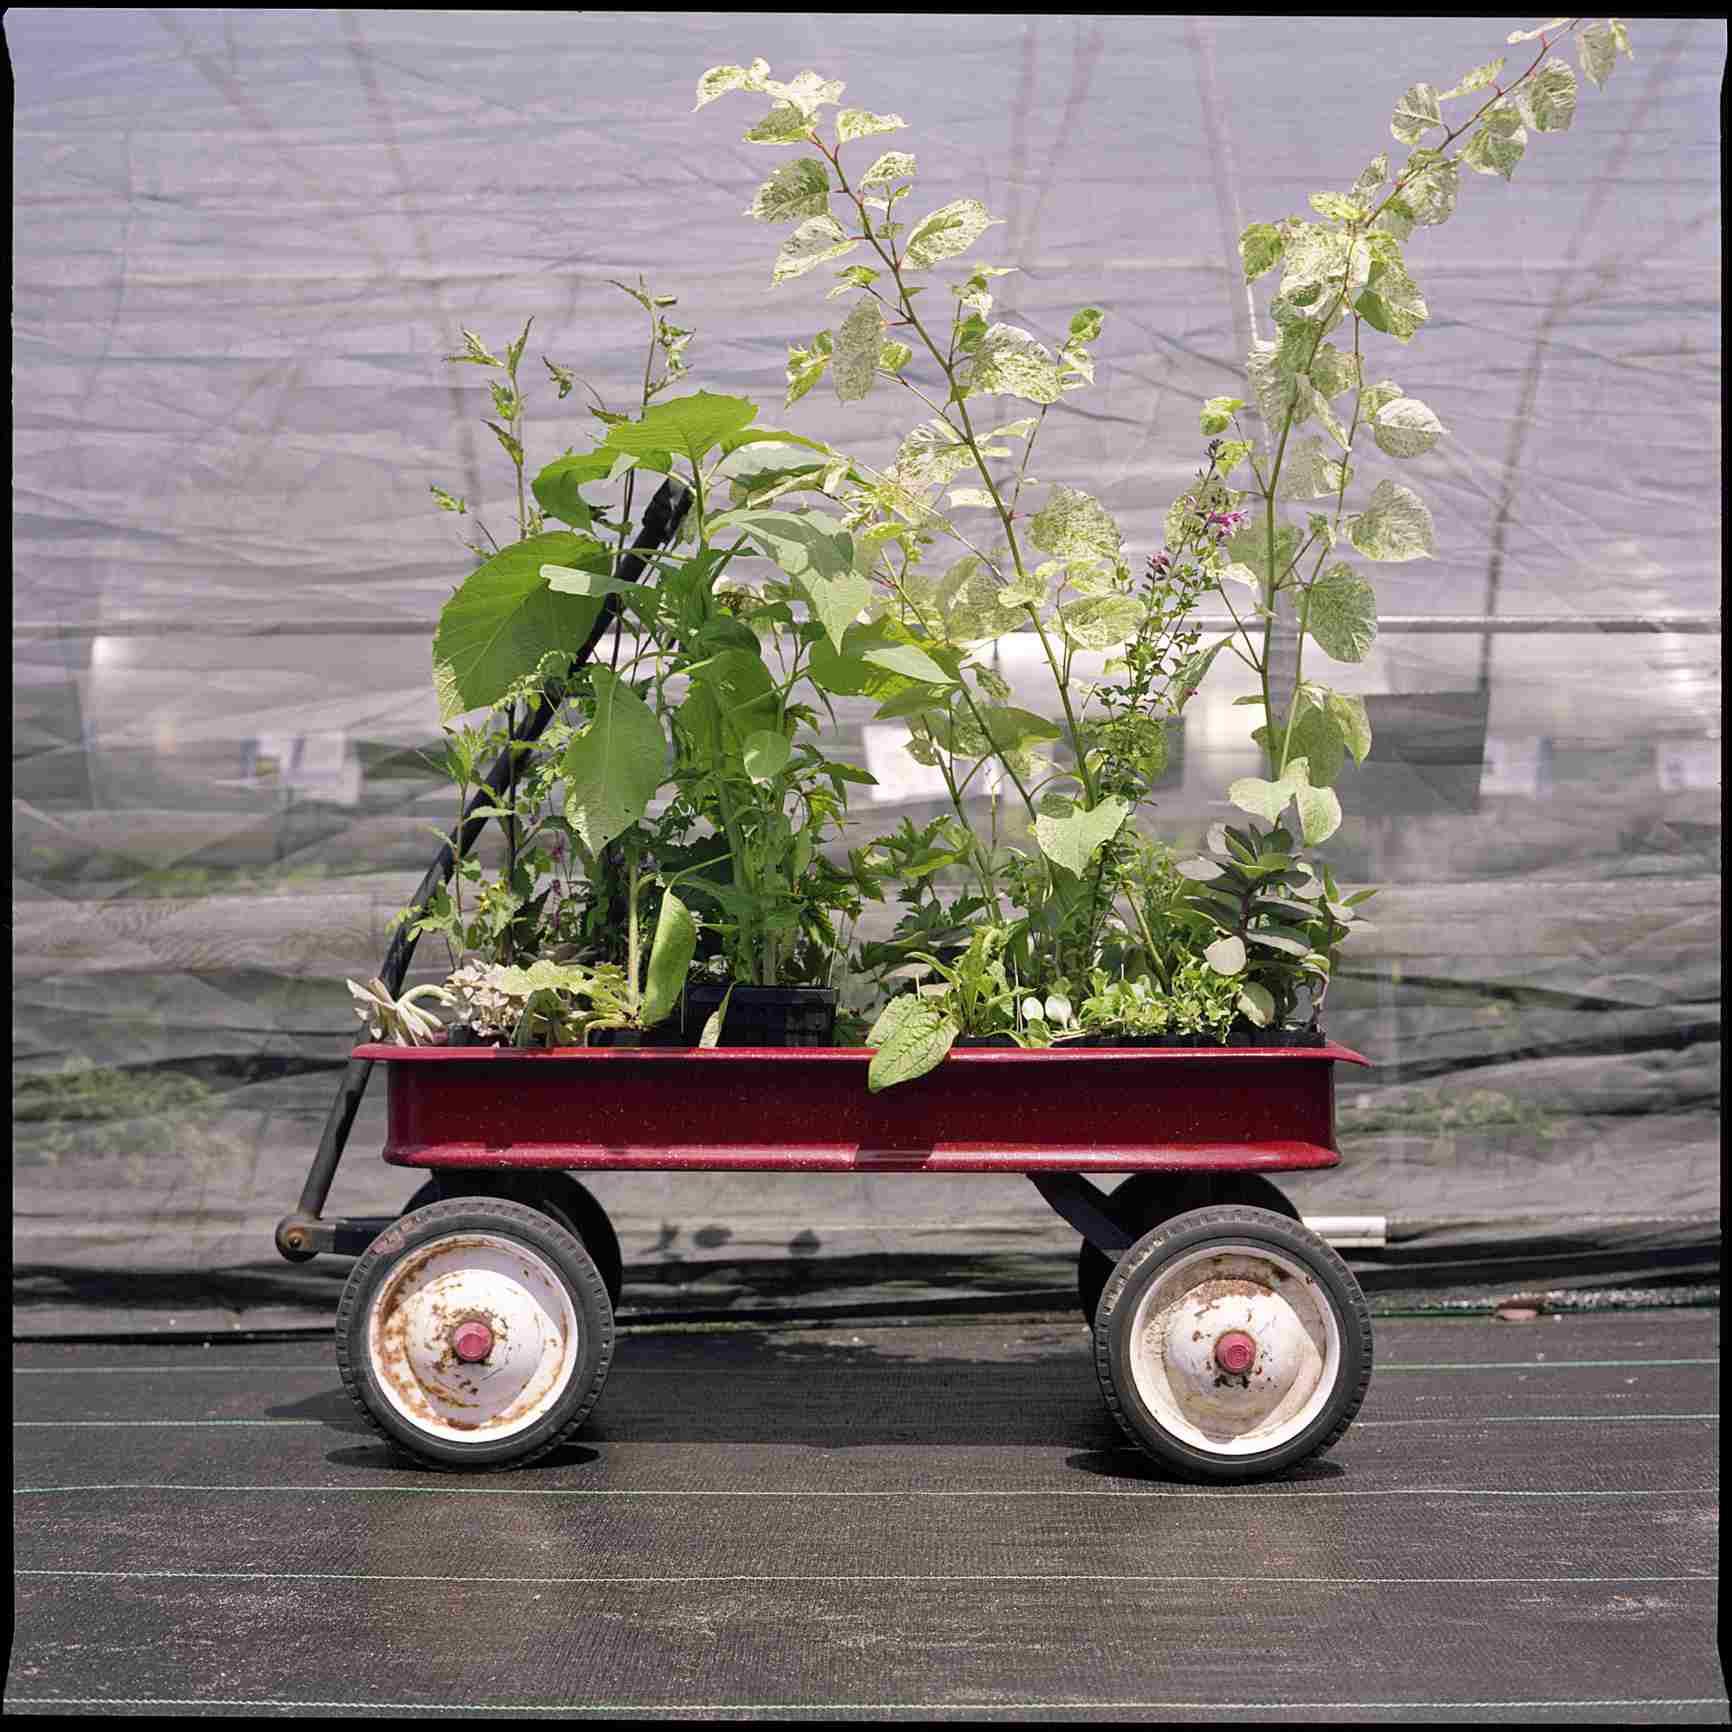 Carro rojo lleno de plantas